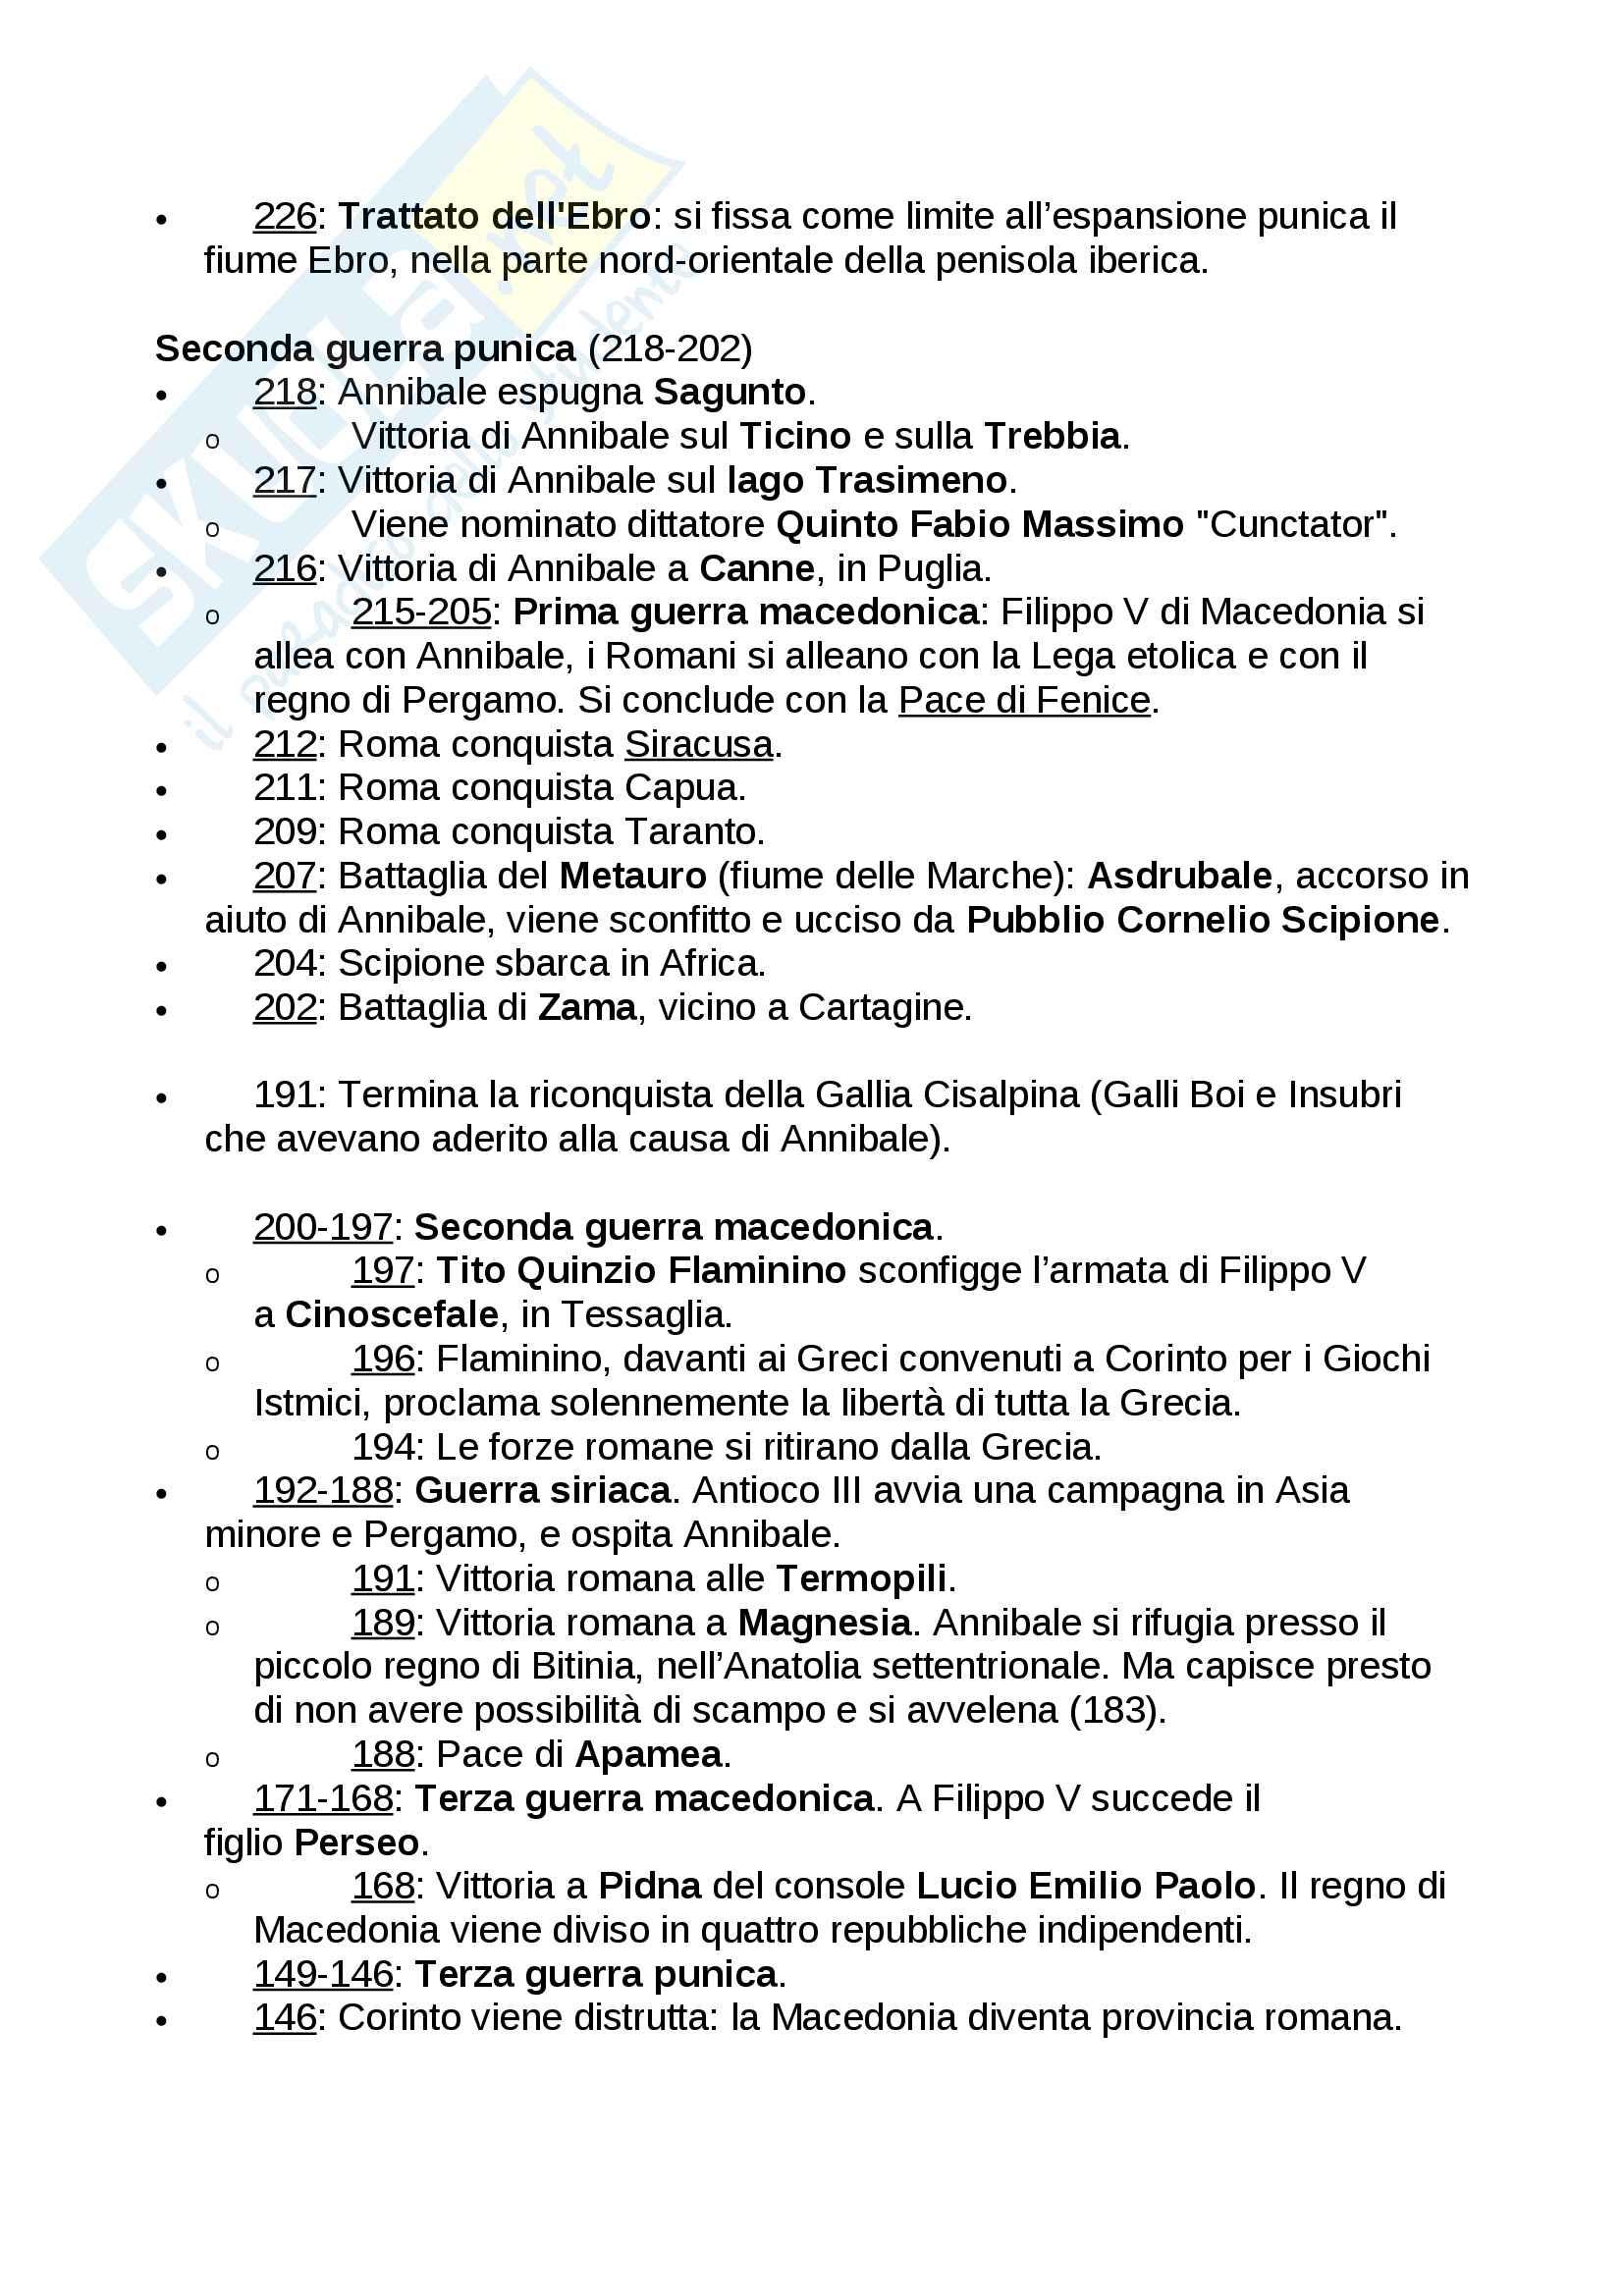 Cronologia della Storia antica (fino alla caduta di Roma) Pag. 11